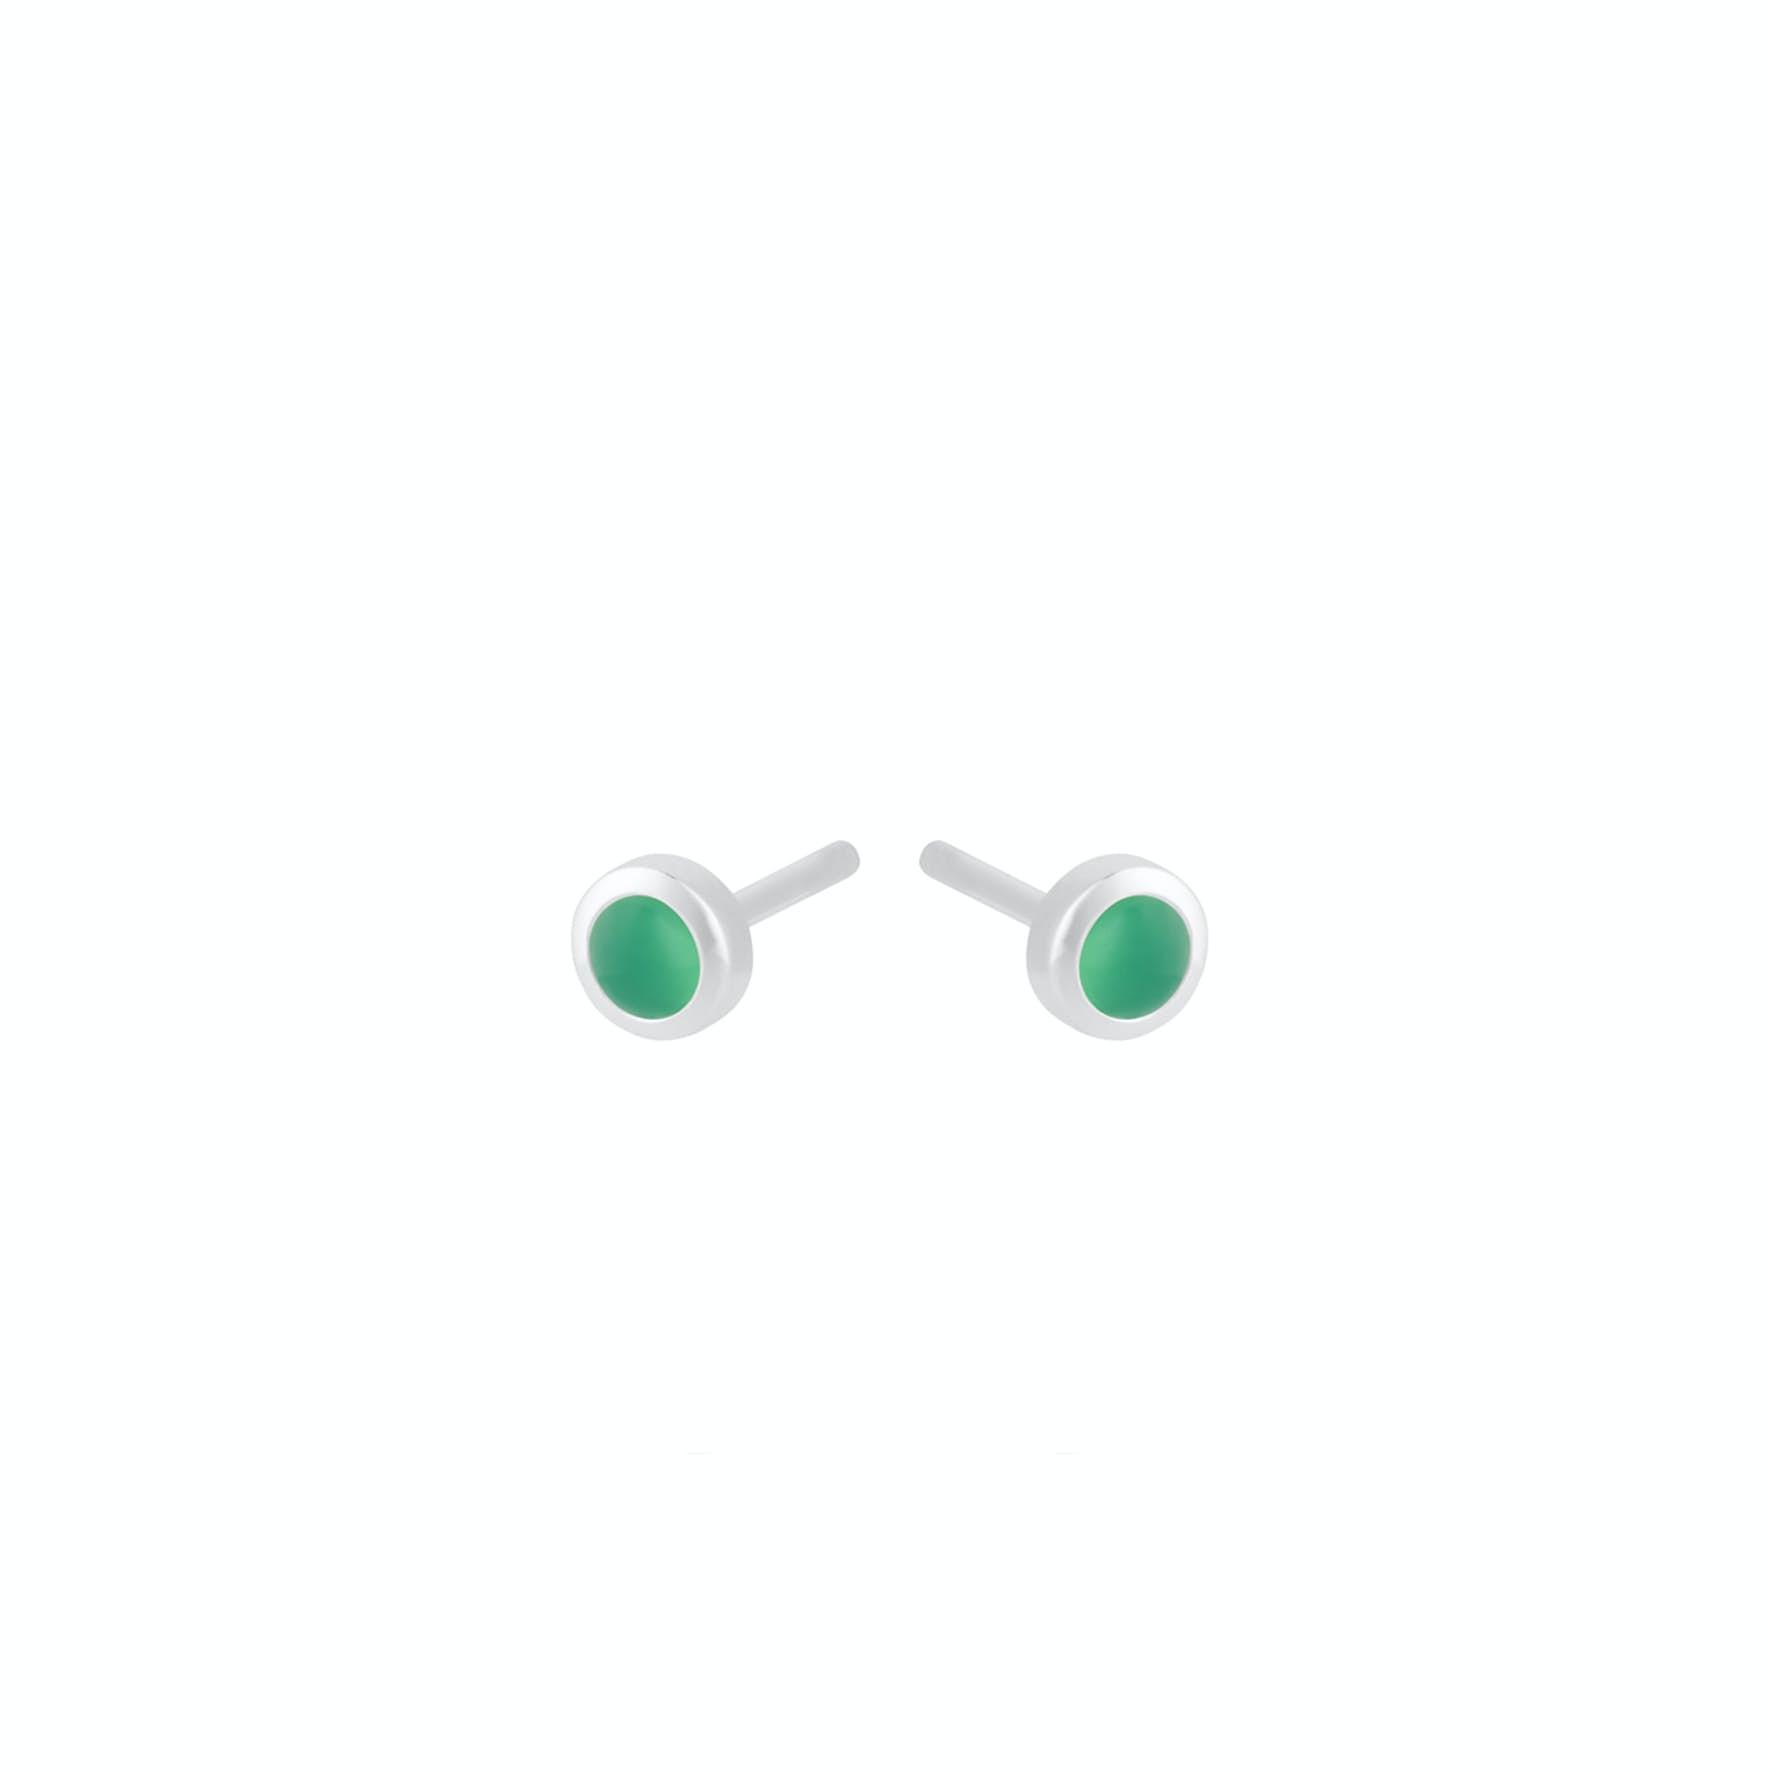 Shine Green Earsticks von Pernille Corydon in Silber Sterling 925